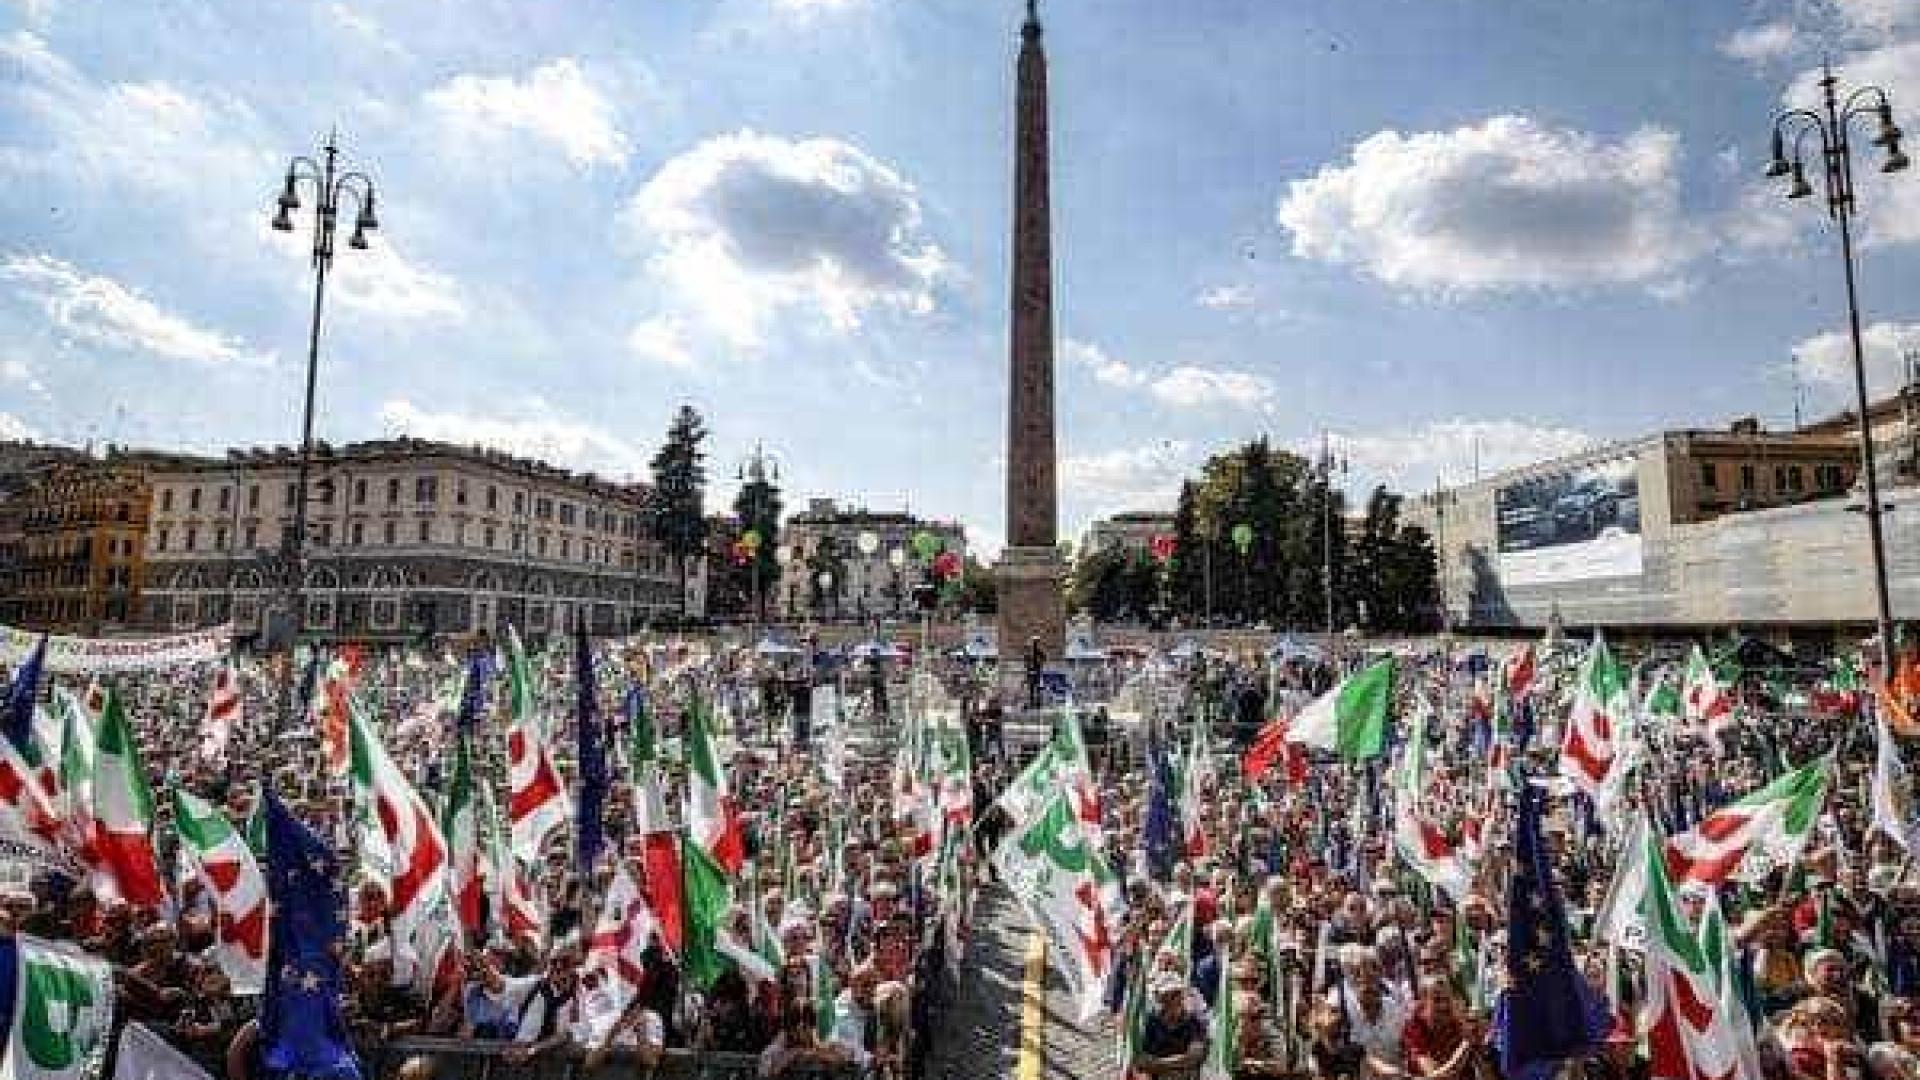 Ato contra o governo reúne milhares de pessoas em Roma